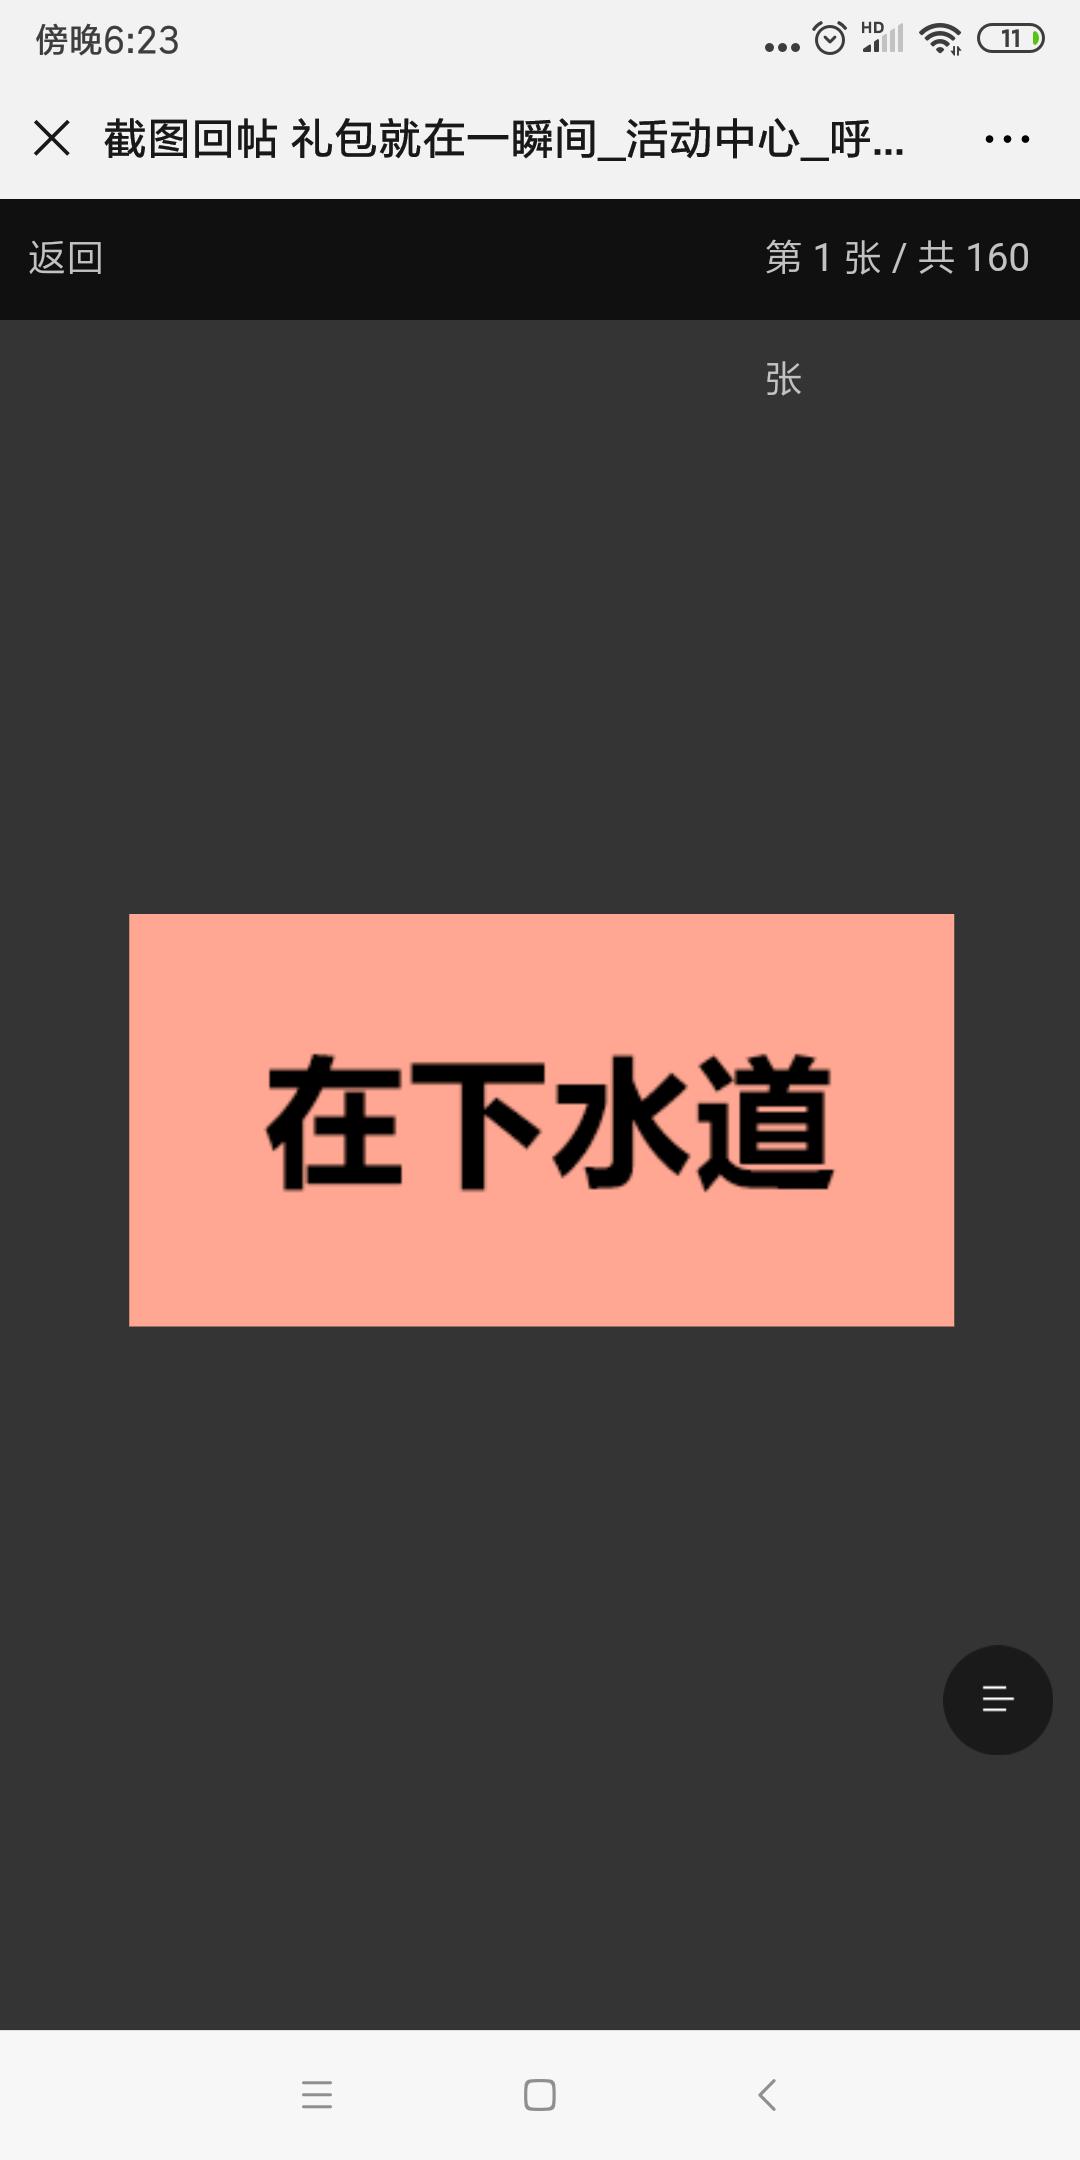 Screenshot_2019-07-25-18-23-16-182_com.tencent.mm.png